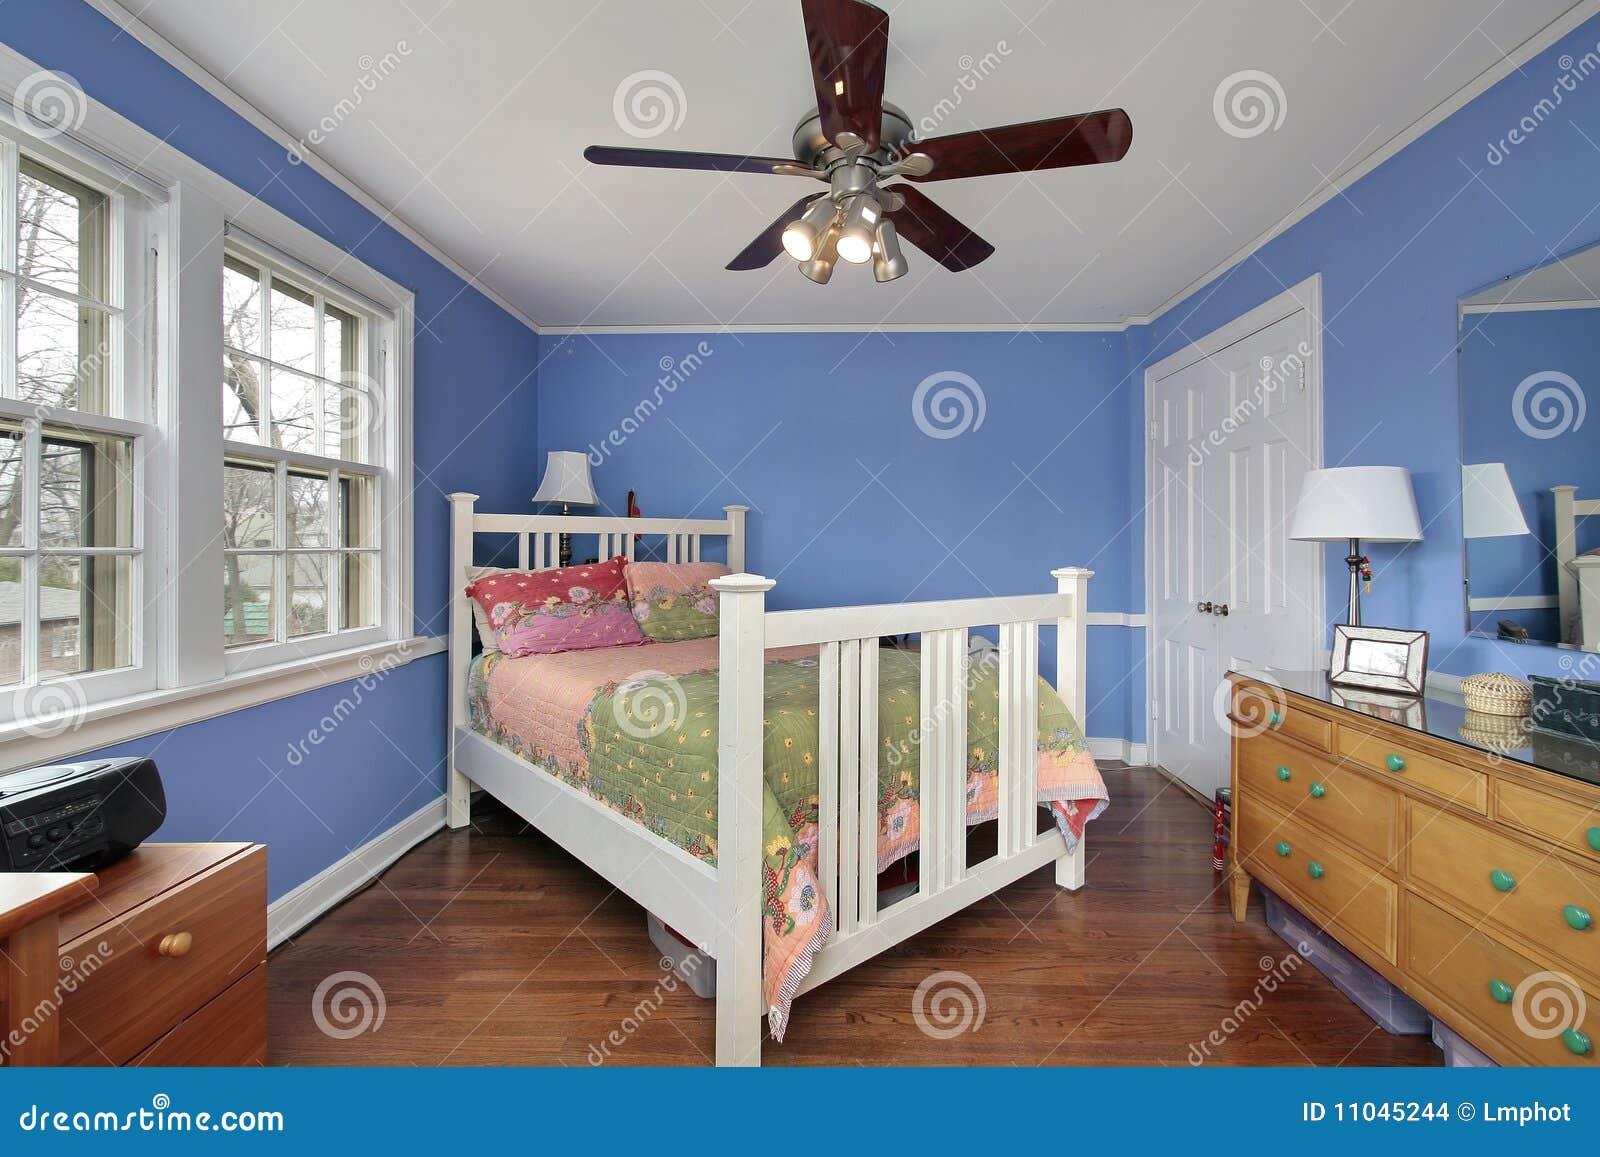 Slaapkamer Met Blauwe Muren Stock Afbeeldingen - Afbeelding: 11045244